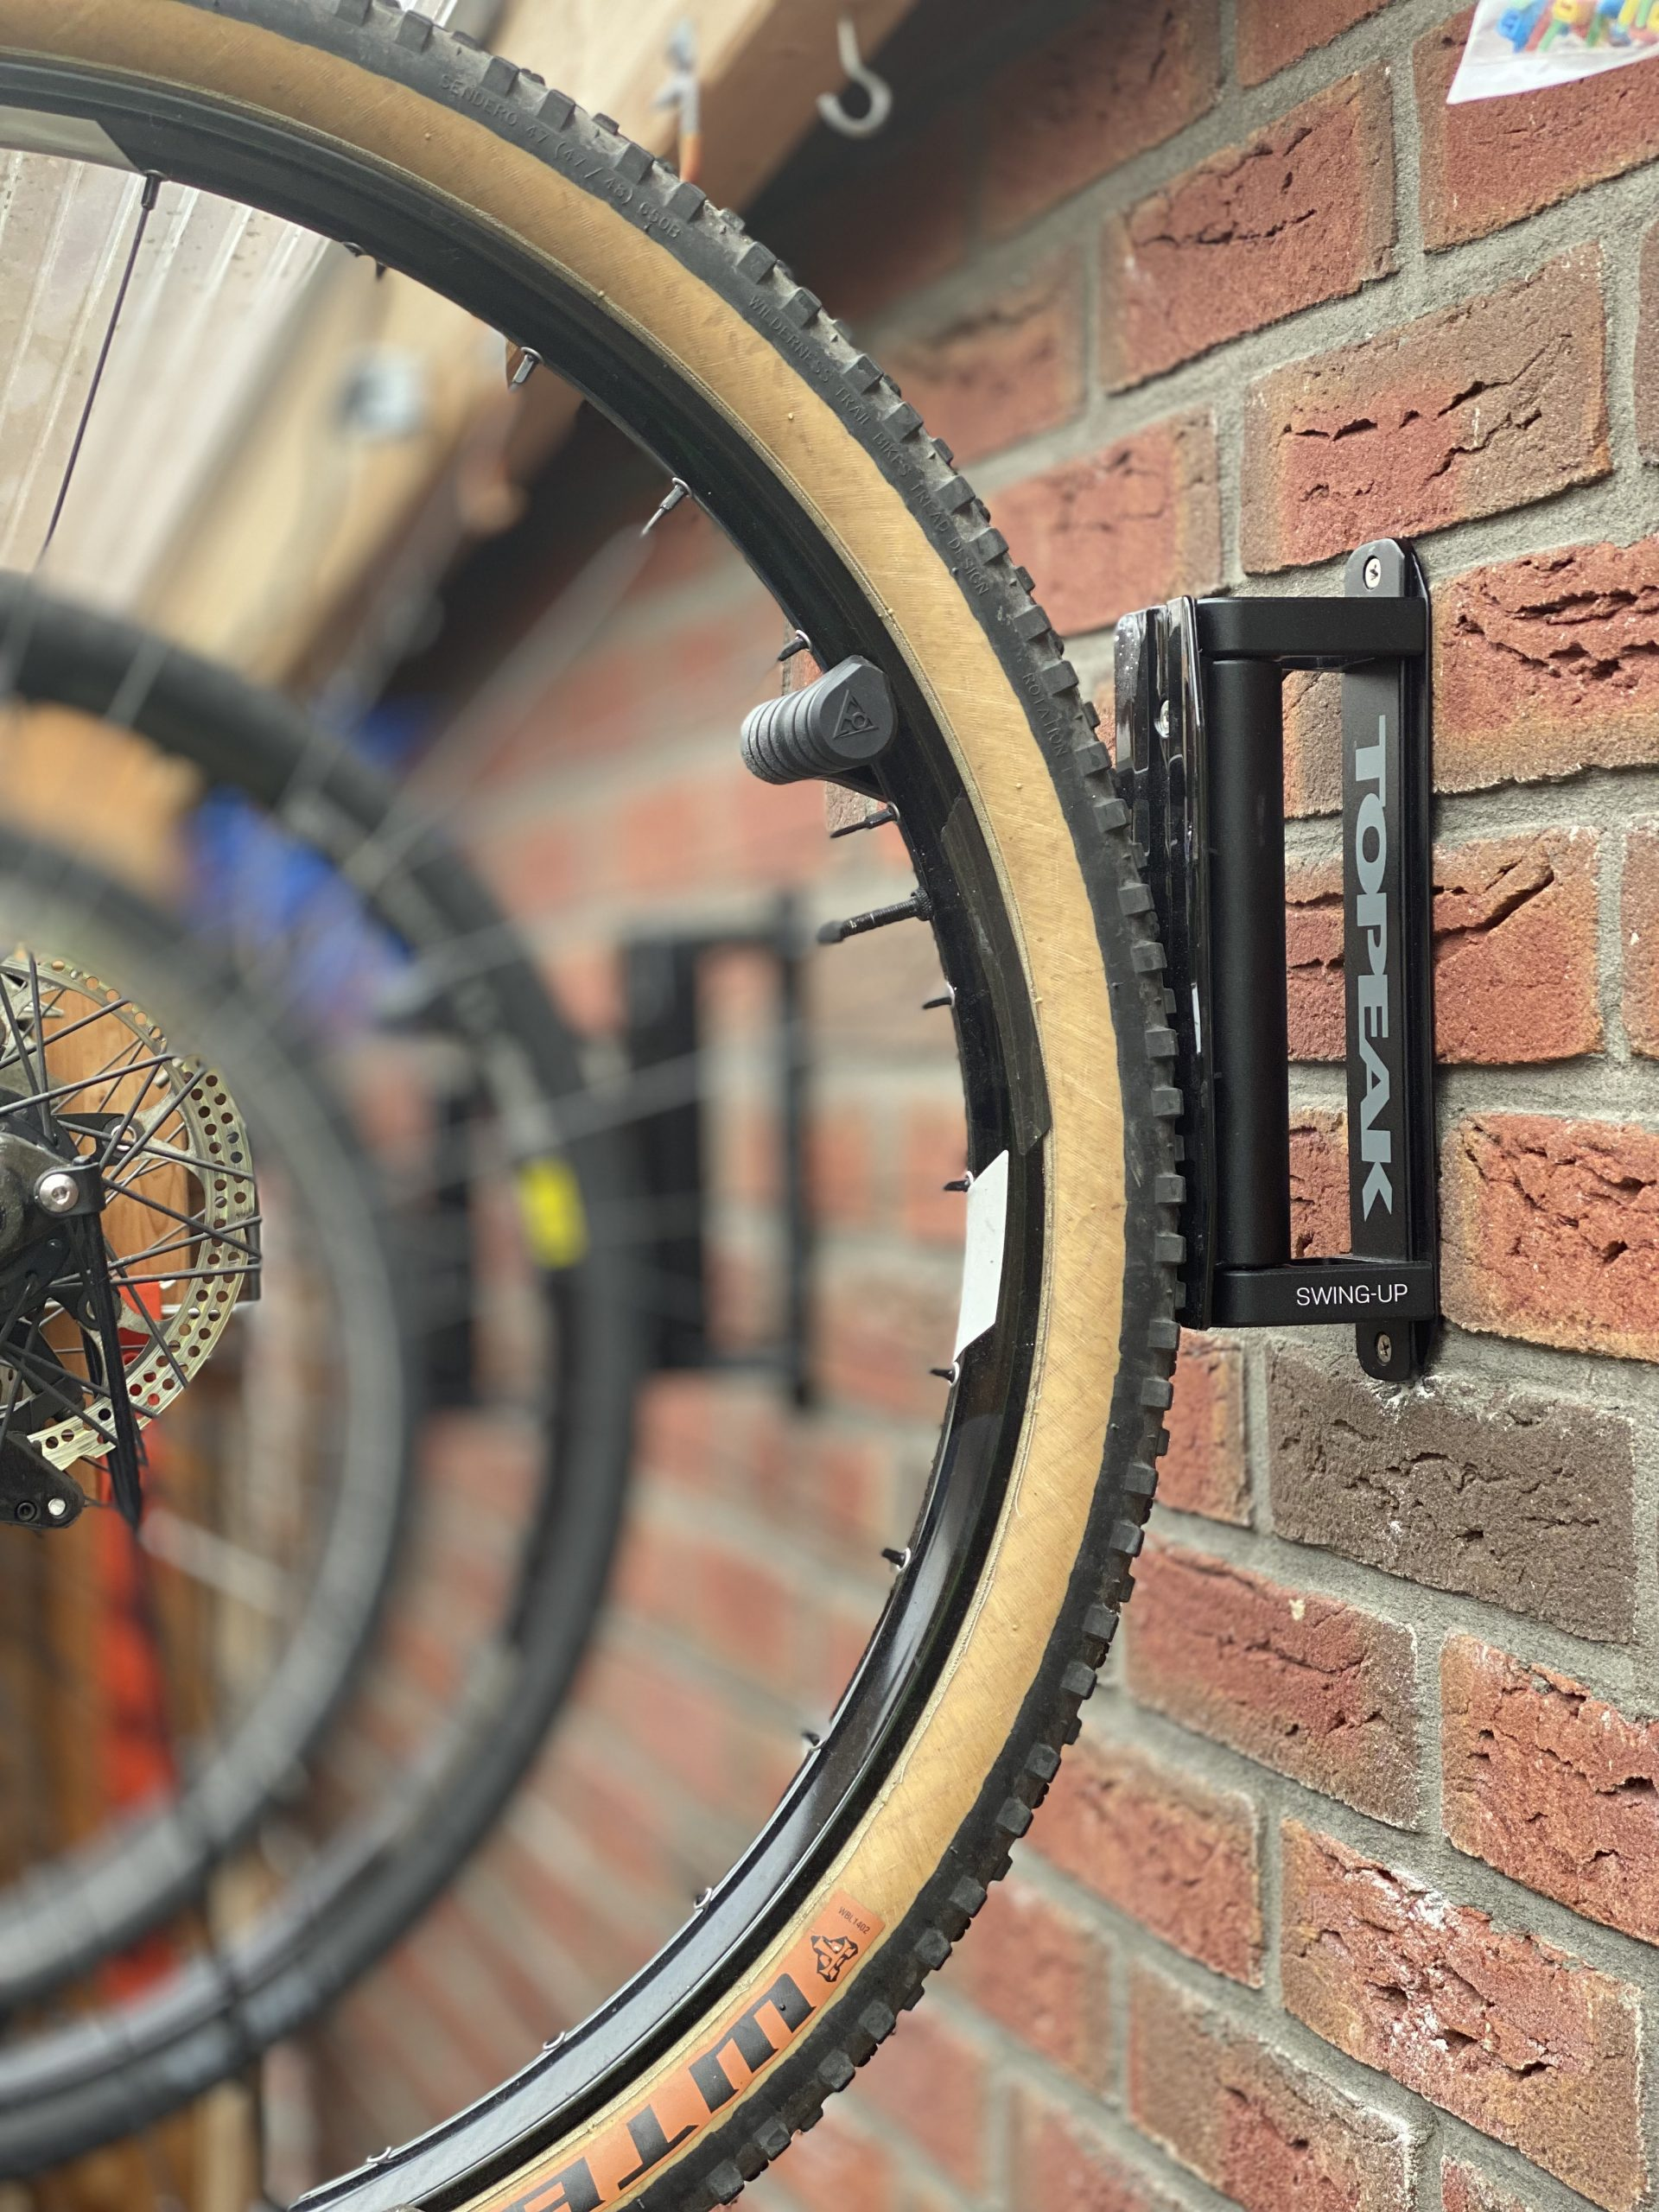 Mehrere Fahrräder platzsparend an der Wand montieren